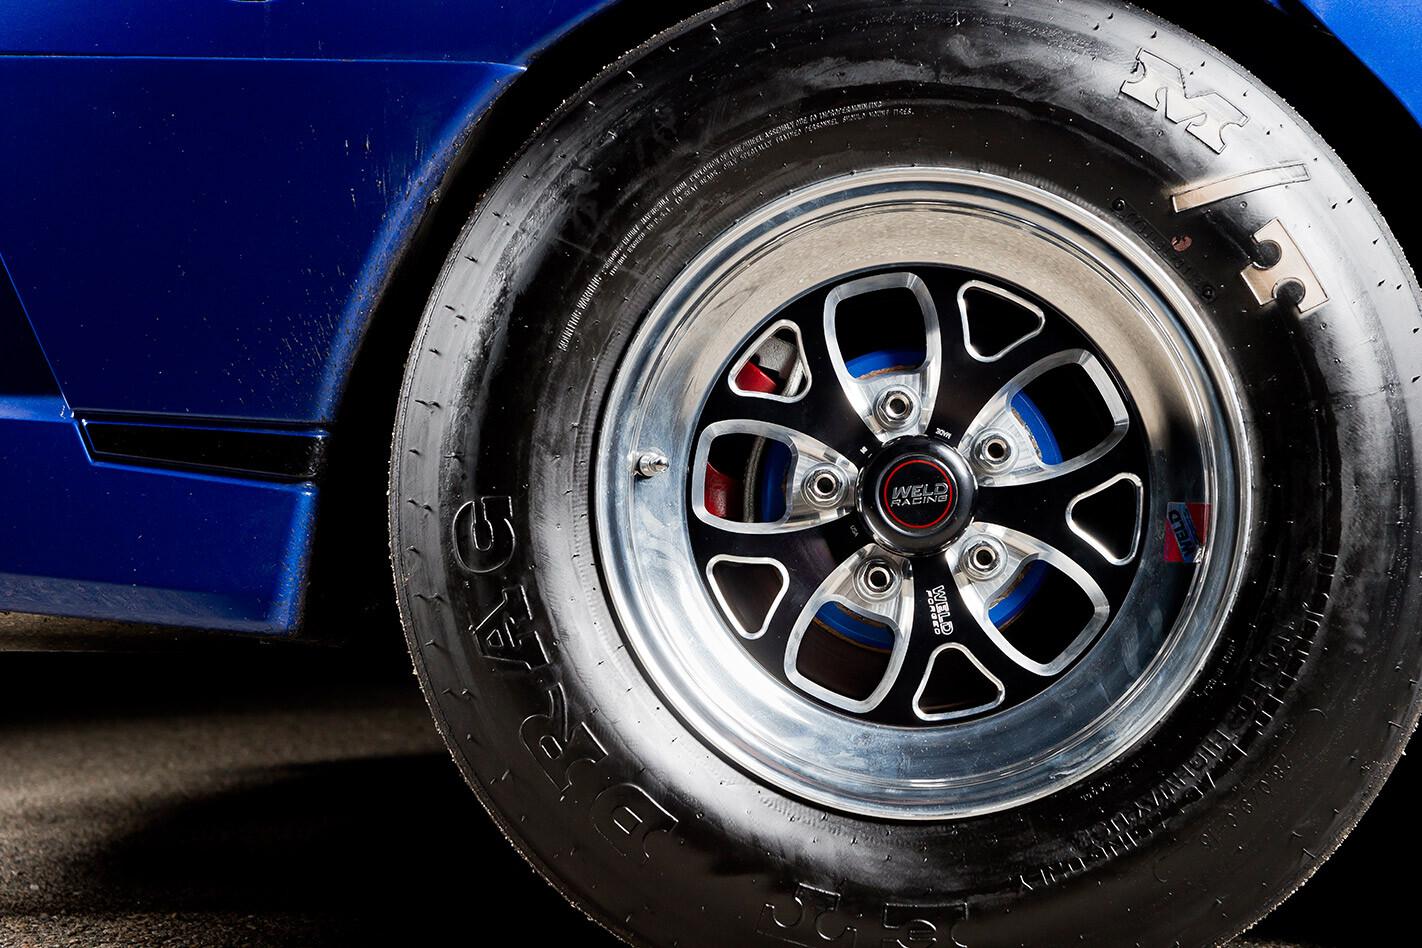 HSV Clubsport wheel